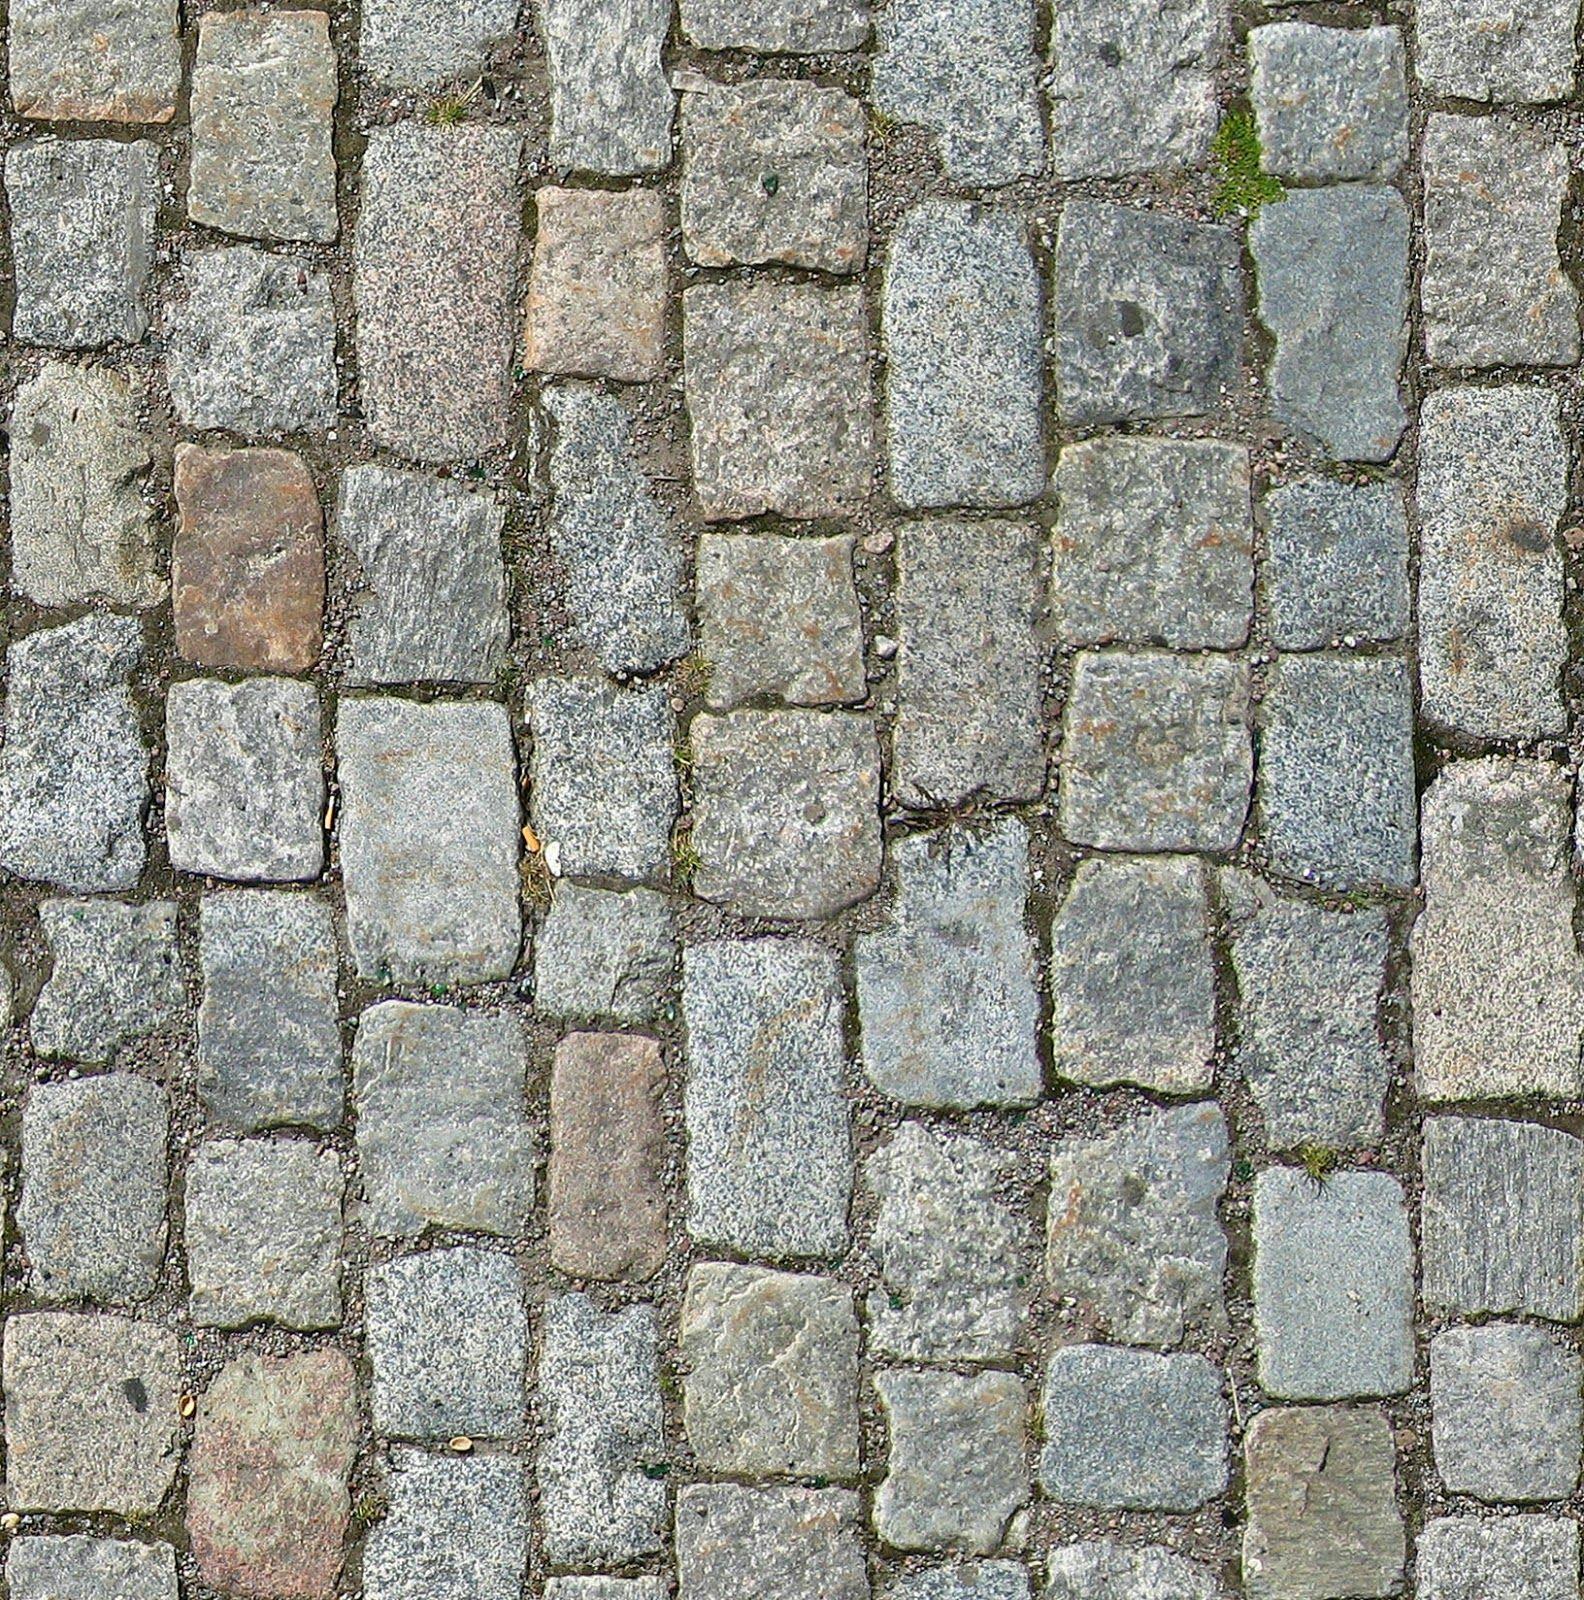 texturise: Tileable Stone Pavement Texture + (Maps)